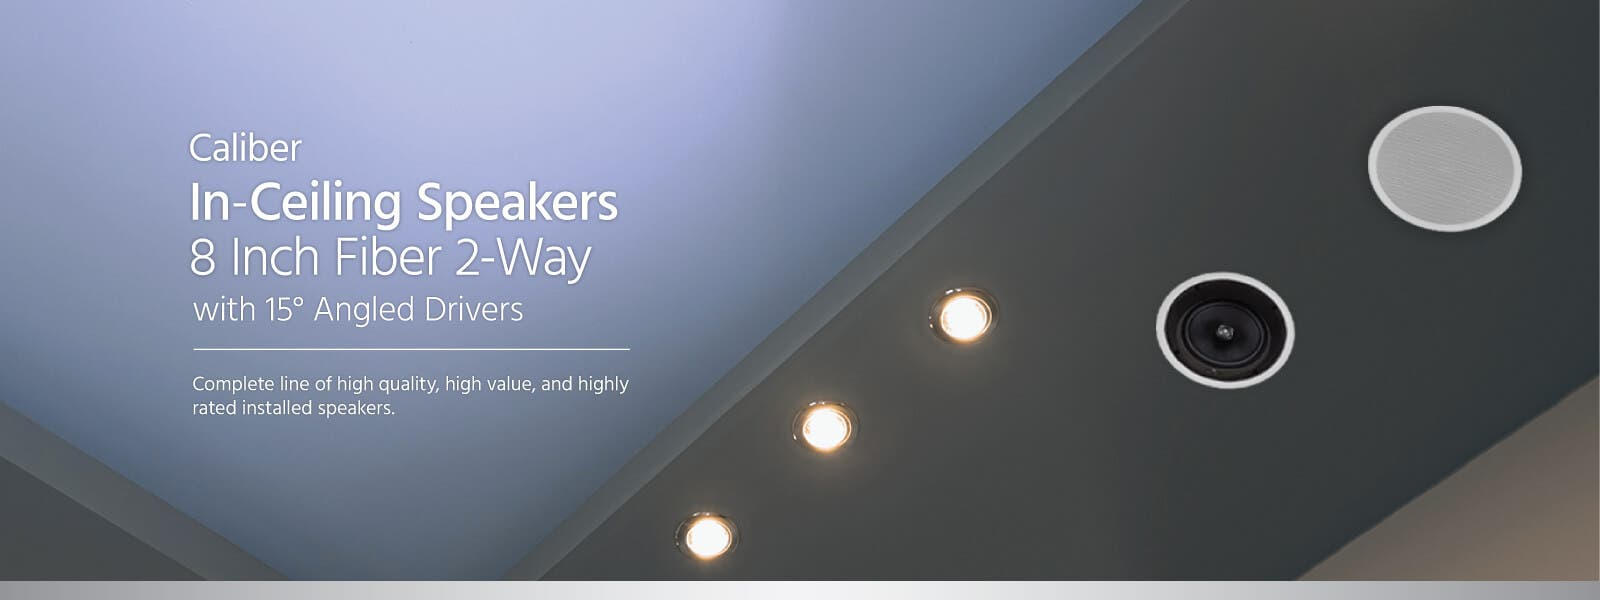 Caliber In Ceiling Speakers